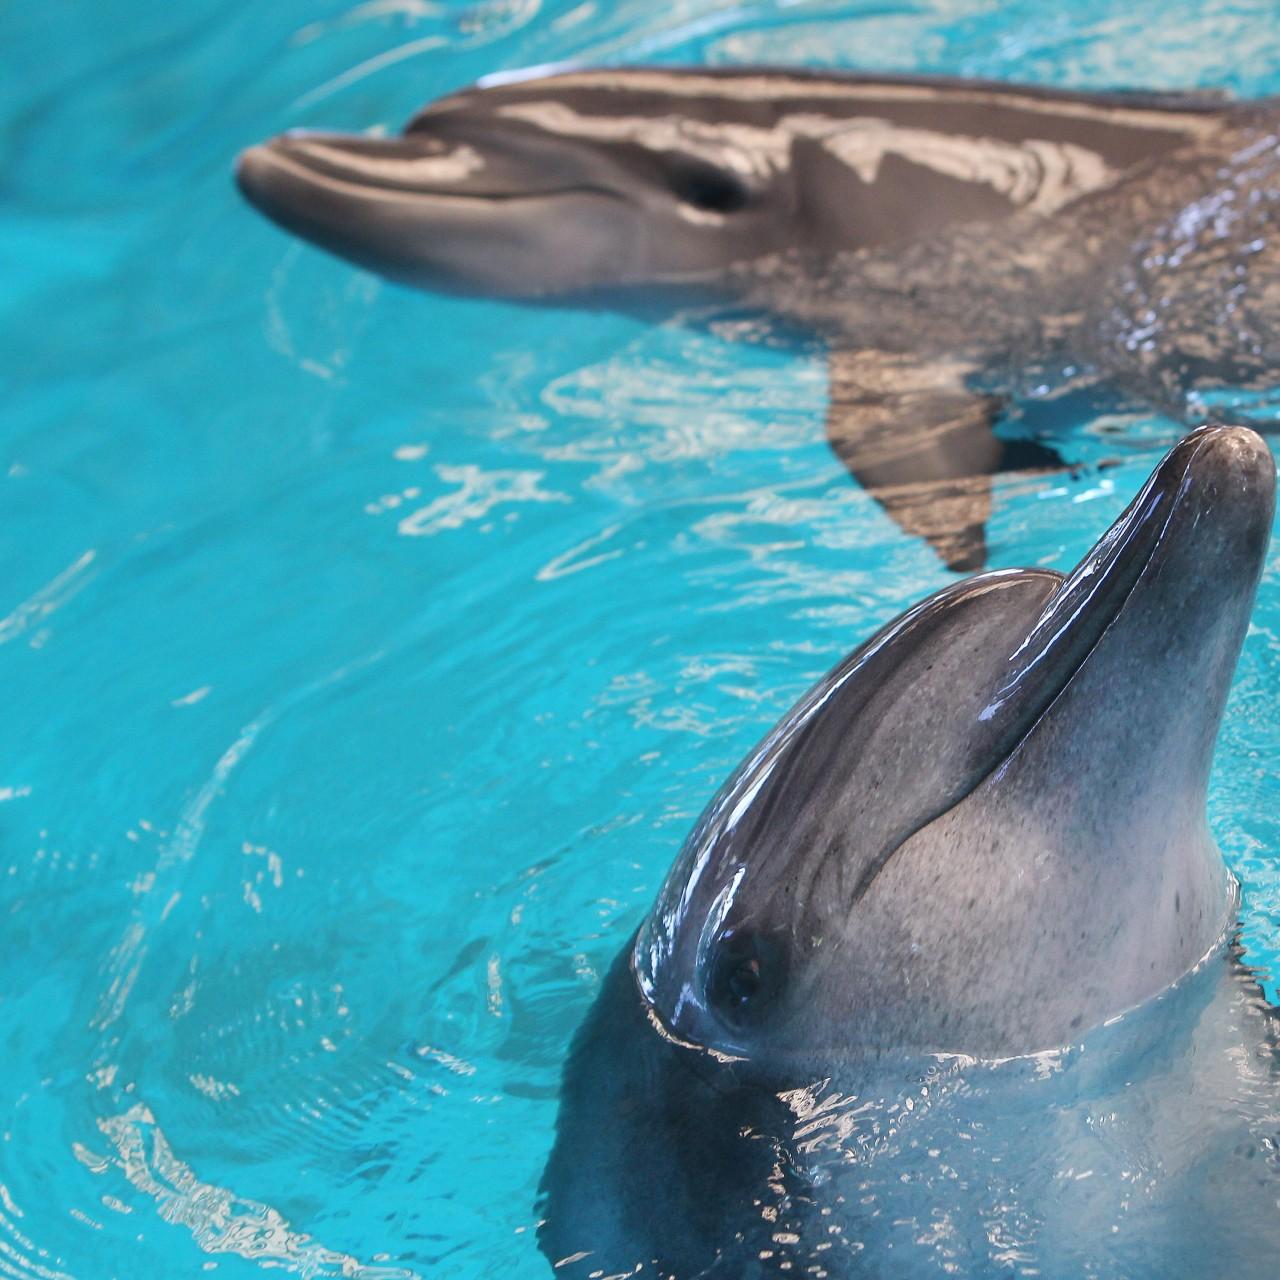 Hong Kong's Ocean Park announces HK$234 4 million deficit